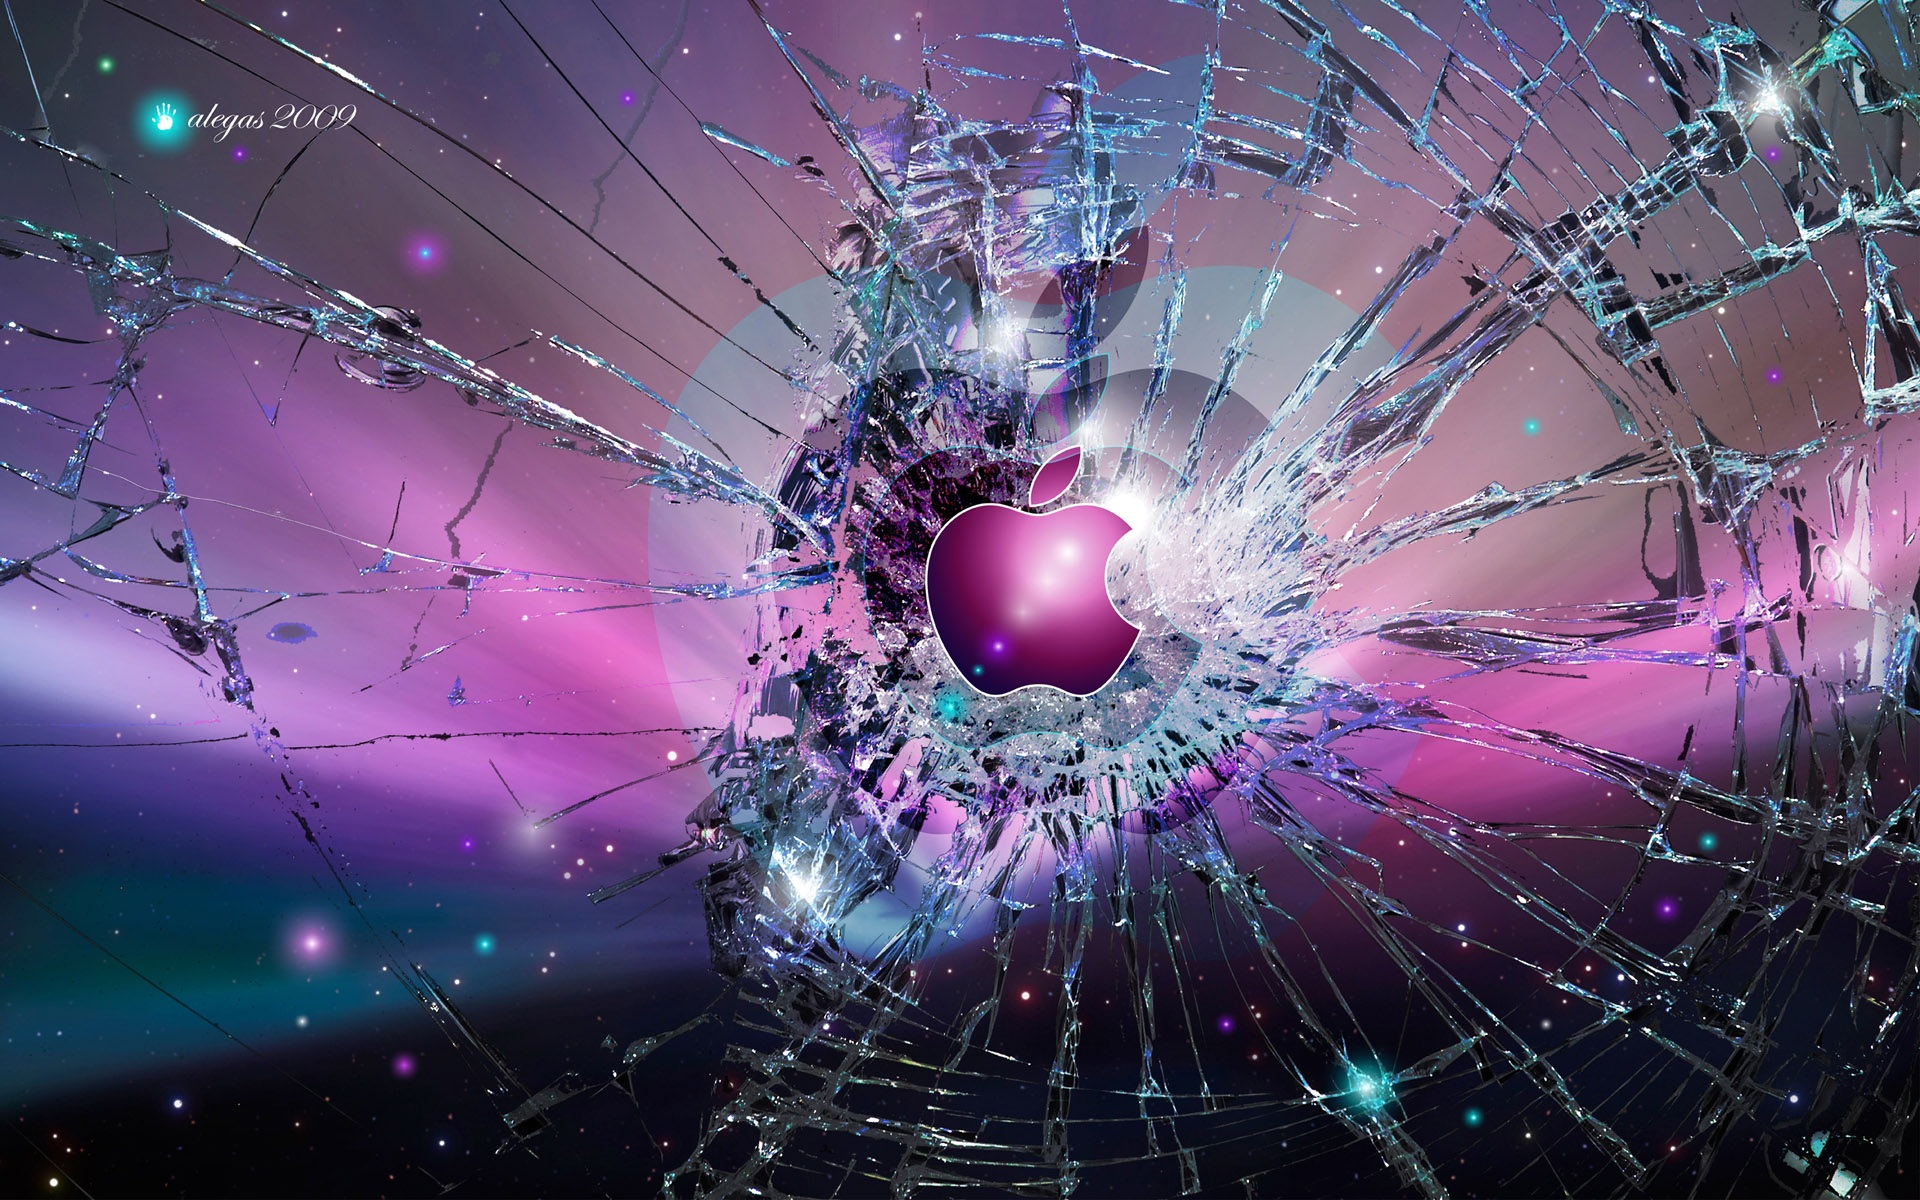 Fonds D Ecran Apple Fond Ecran Casse 640x1136 Iphone 5 5s 5c Se Image